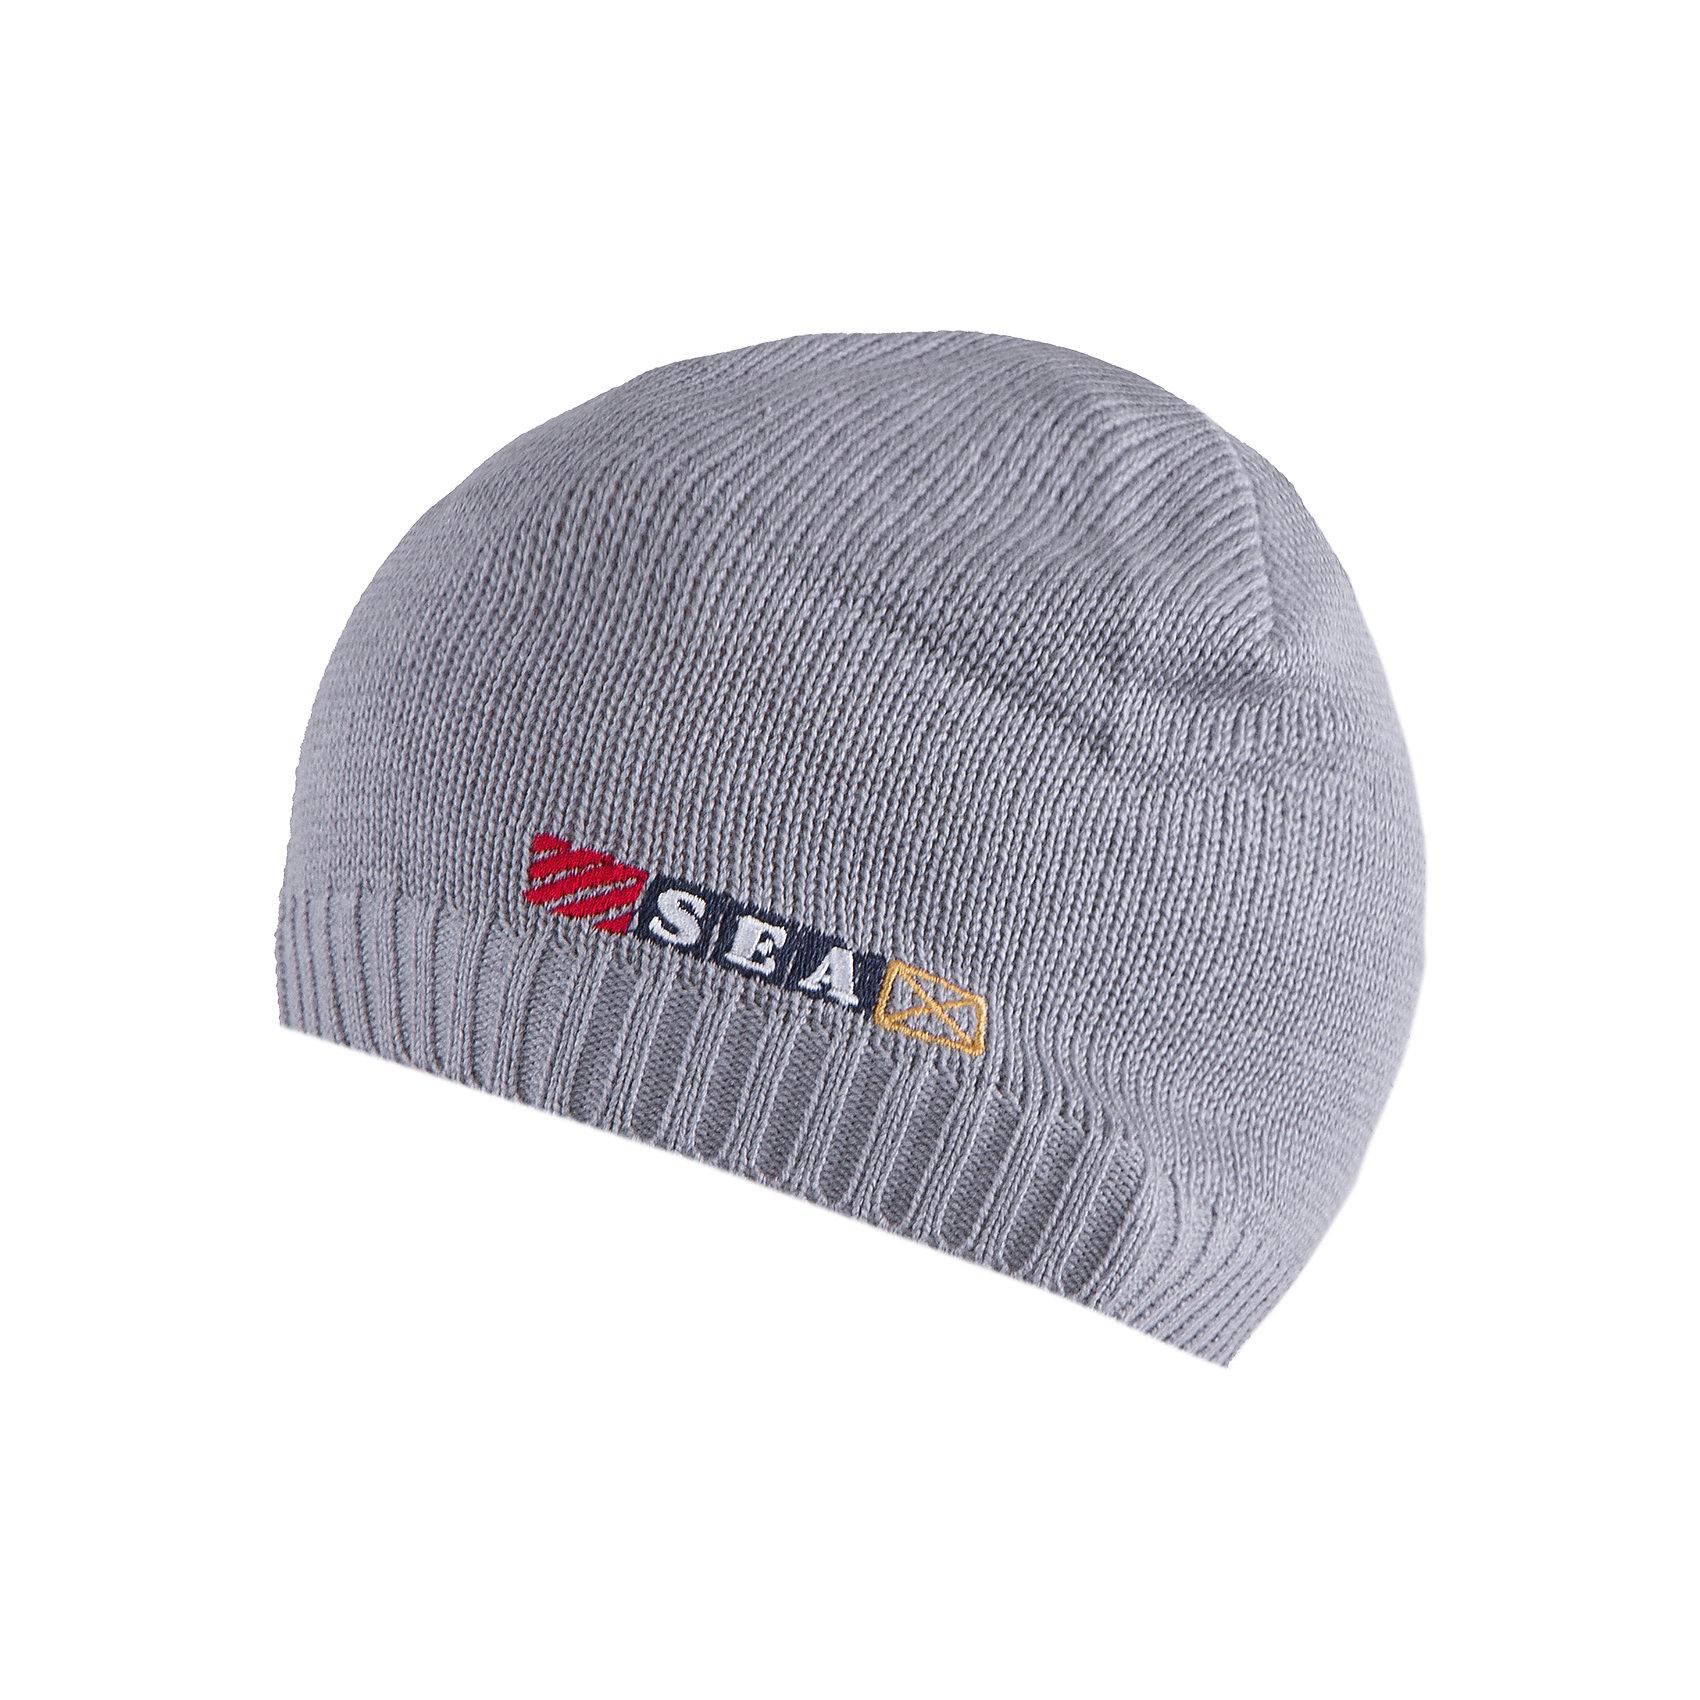 Шапка для мальчика АртельШапка для мальчика от торговой марки Артель <br><br>Модная шапка отлично смотрится на детях, обеспечивает комфорт и тепло. Изделие выполнено из качественных материалов, вязка плотная. Смешанный состав пряжи обеспечит износостойкость и удобство. Отличный вариант для переменной погоды межсезонья! <br>Одежда от бренда Артель – это высокое качество по приемлемой цене и всегда продуманный дизайн. <br><br>Особенности модели: <br>- цвет — серый; <br>- украшена вышивкой; <br>- пряжа смешанного состава. <br><br>Дополнительная информация: <br><br>Состав: 50% хлопок, 50% пан.<br><br><br>Температурный режим: <br>От -5 °C до +15 °C <br><br>Шапку для мальчика Артель (Artel) можно купить в нашем магазине.<br><br>Ширина мм: 89<br>Глубина мм: 117<br>Высота мм: 44<br>Вес г: 155<br>Цвет: серый<br>Возраст от месяцев: 96<br>Возраст до месяцев: 108<br>Пол: Мужской<br>Возраст: Детский<br>Размер: 56,52,54<br>SKU: 4500491